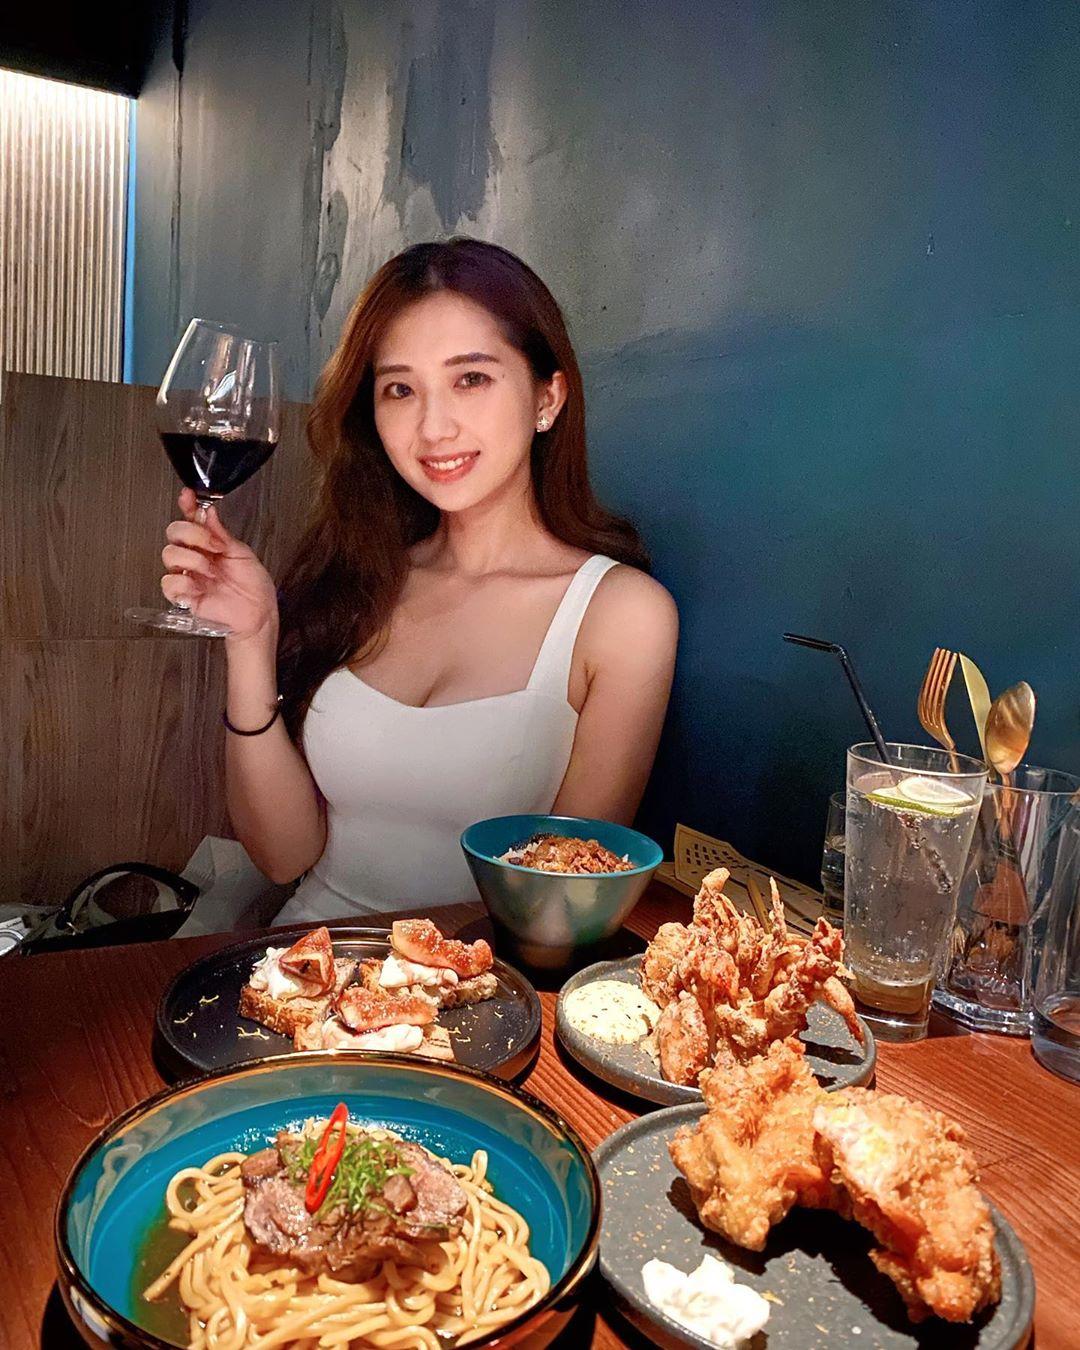 uCGfhF - IG正妹—何蓁 Chen Ho